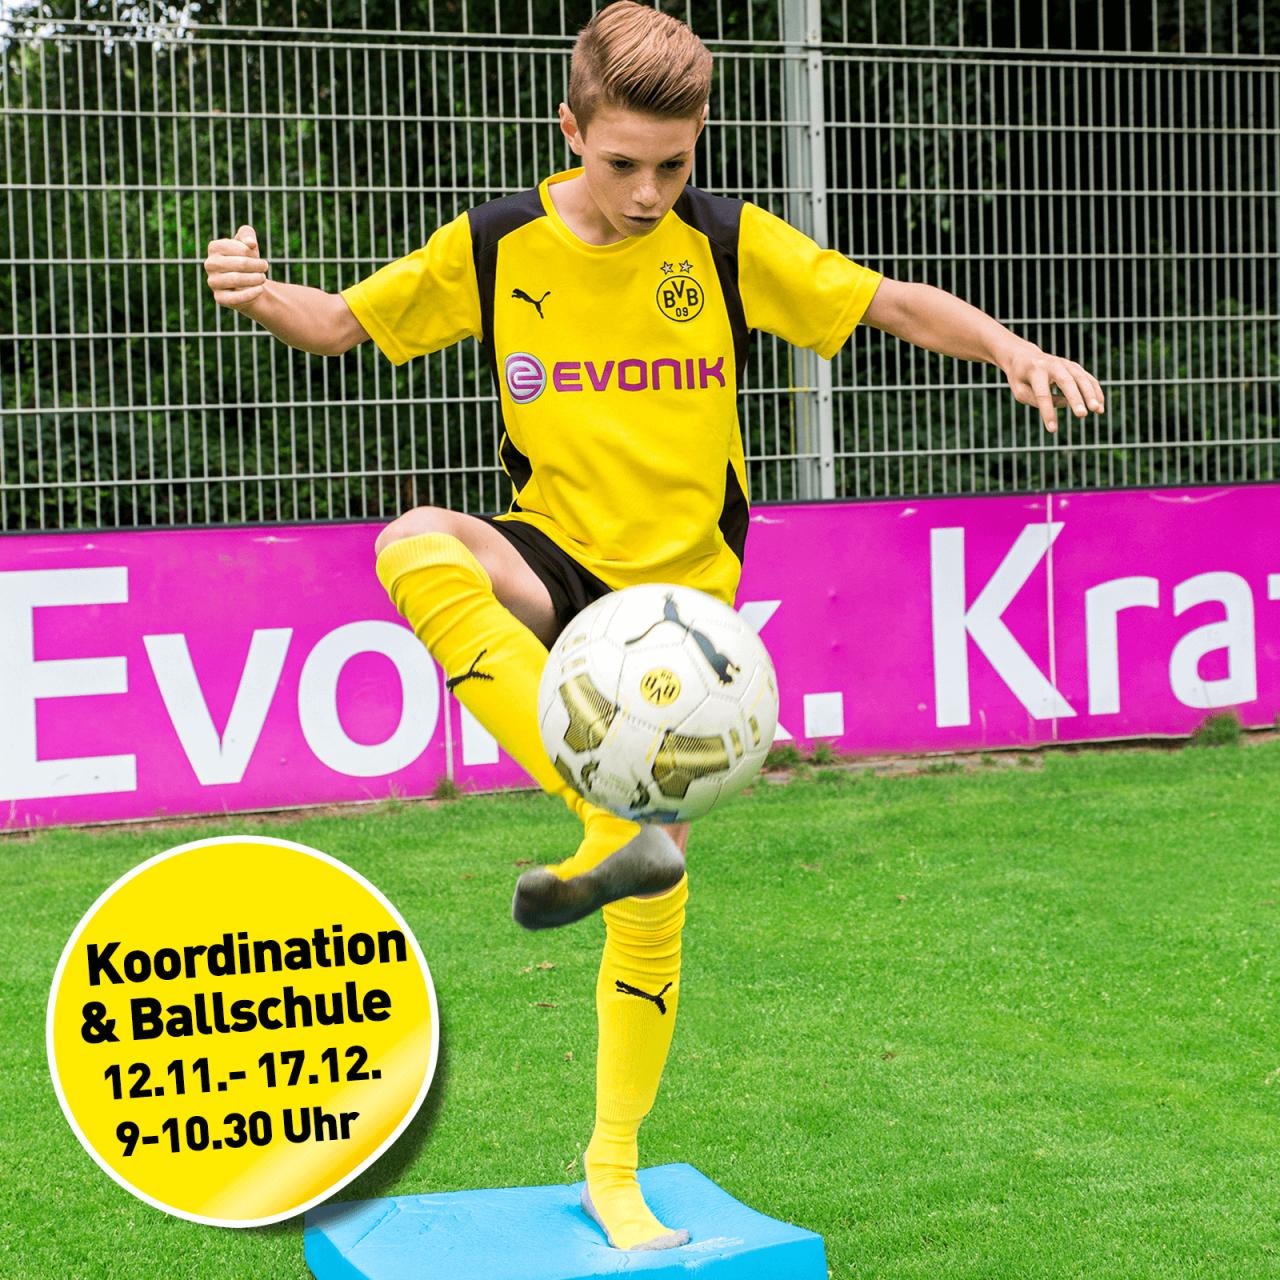 Förderkurs Koordination & Ballschule